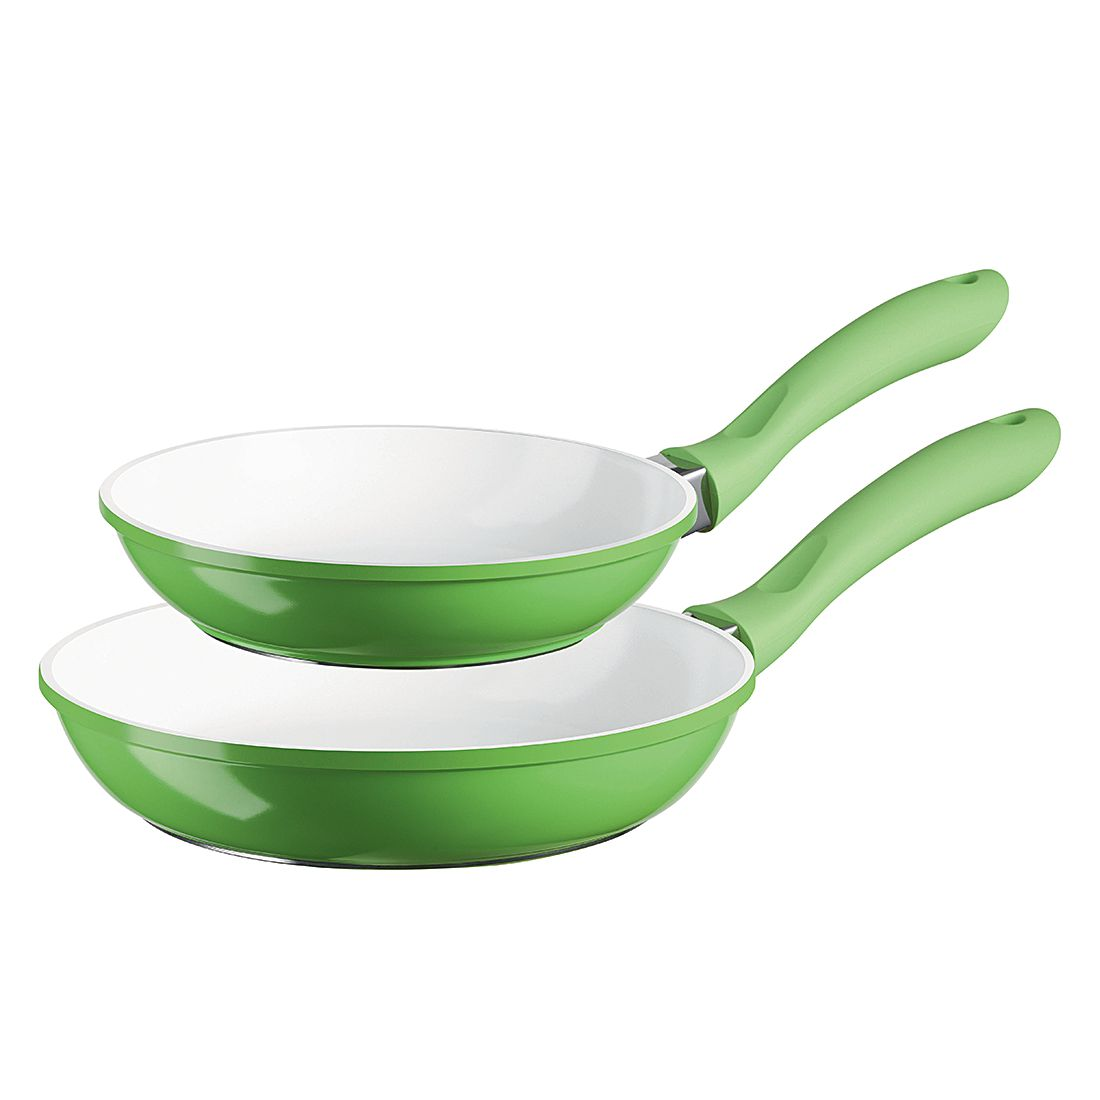 Pfannen-Set Alioth (2-teilig) – 20 & 24 cm, grün, Mäser günstig online kaufen